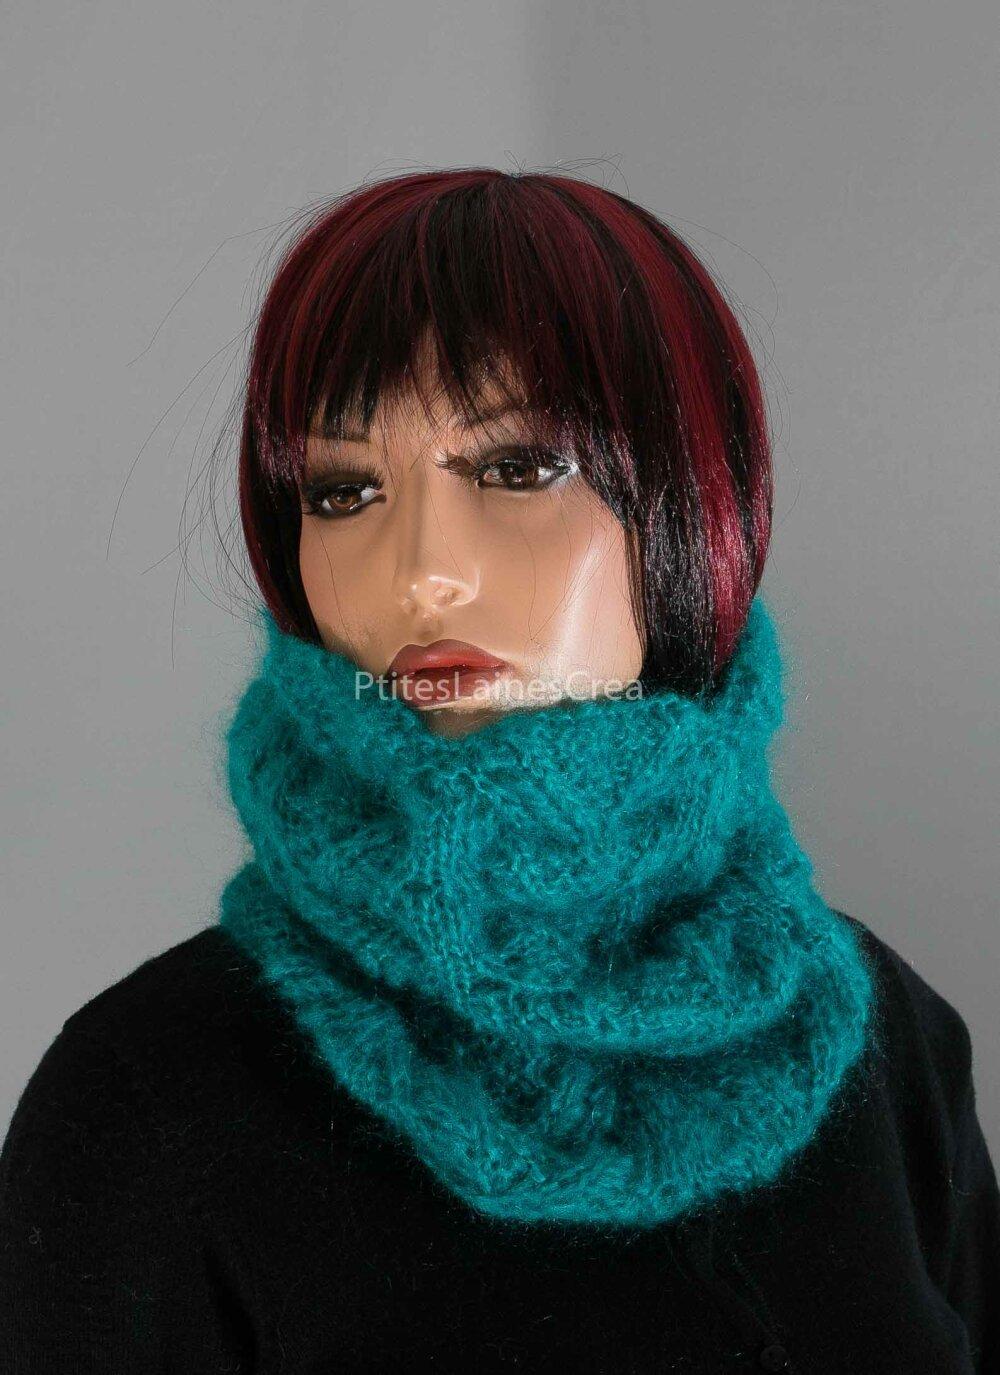 Col tricoté en kid-mohair et soie, snood, tour de cou, bleu turquoise, fait-main.